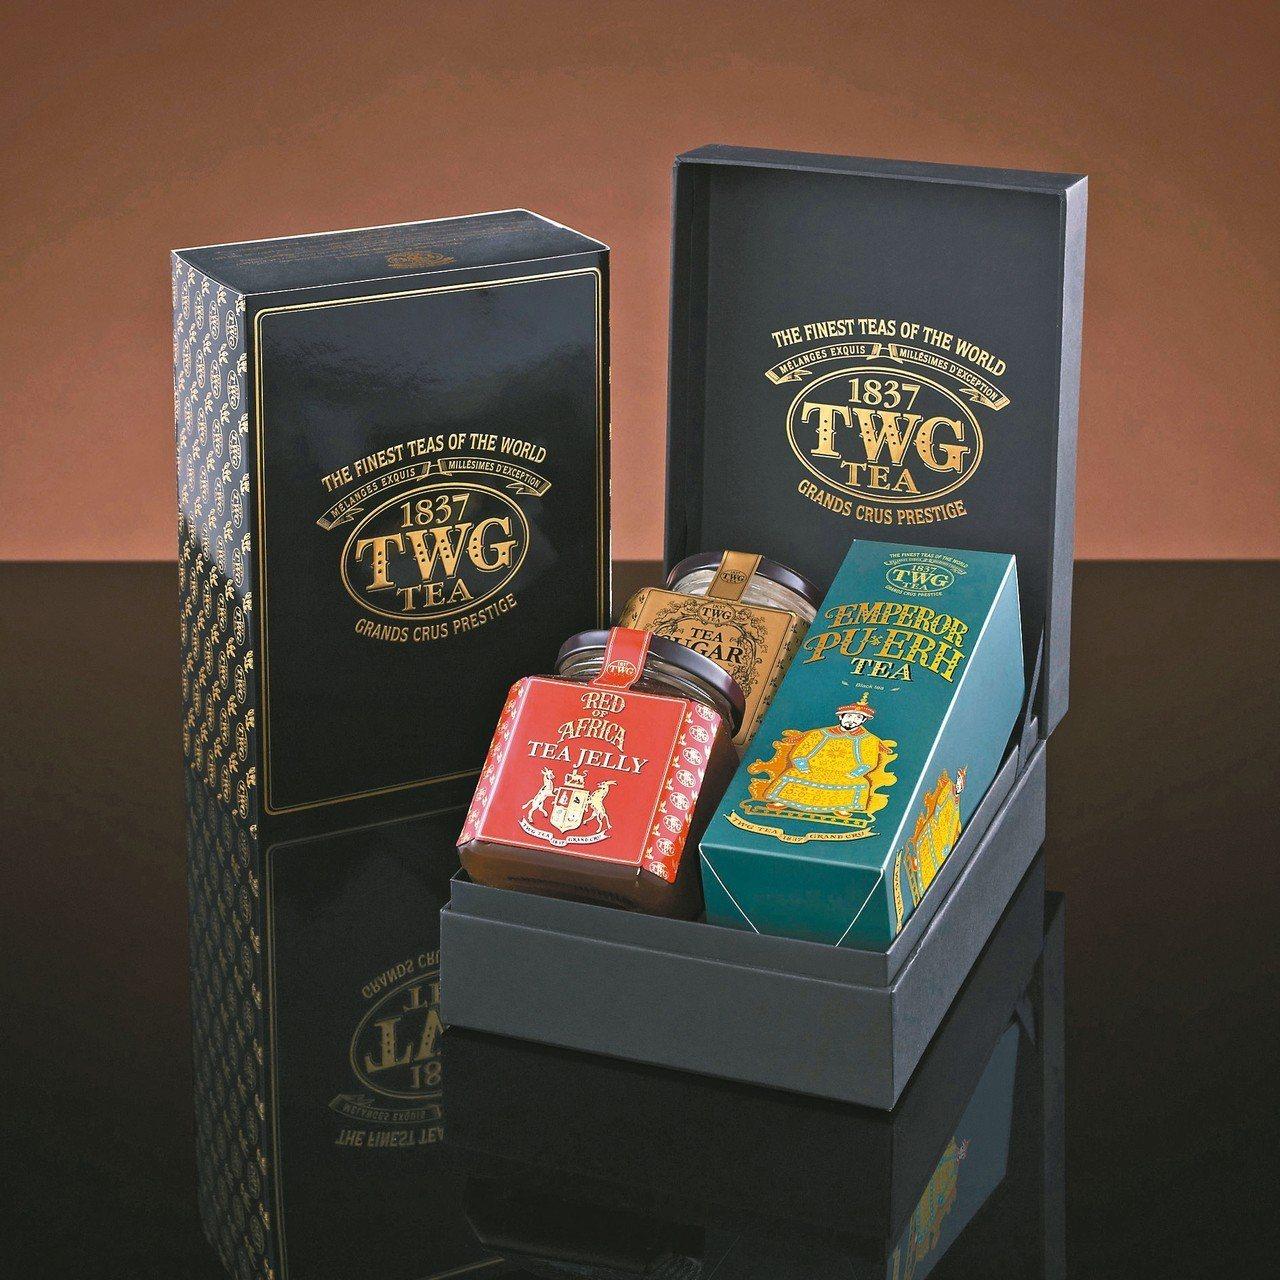 TWG Tea也有端午節禮盒。 圖/TWG Tea提供